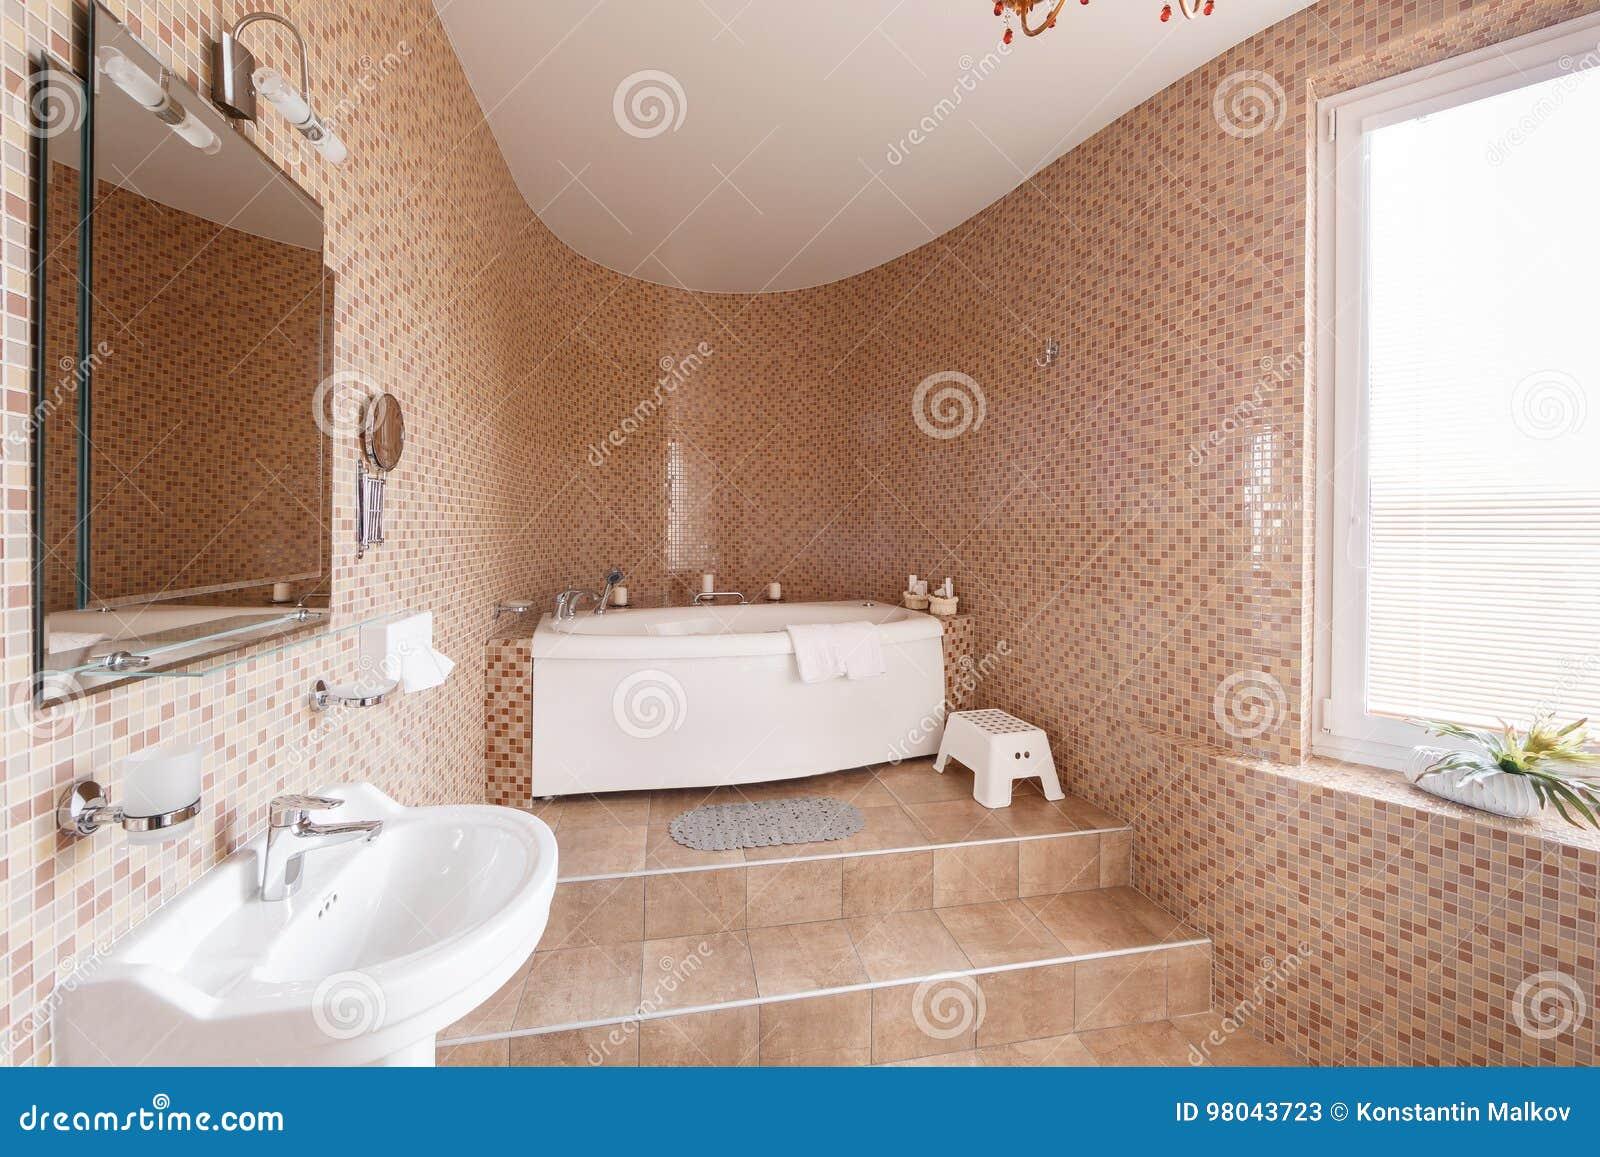 Ванная комната конструктор eurocube смеситель для раковины